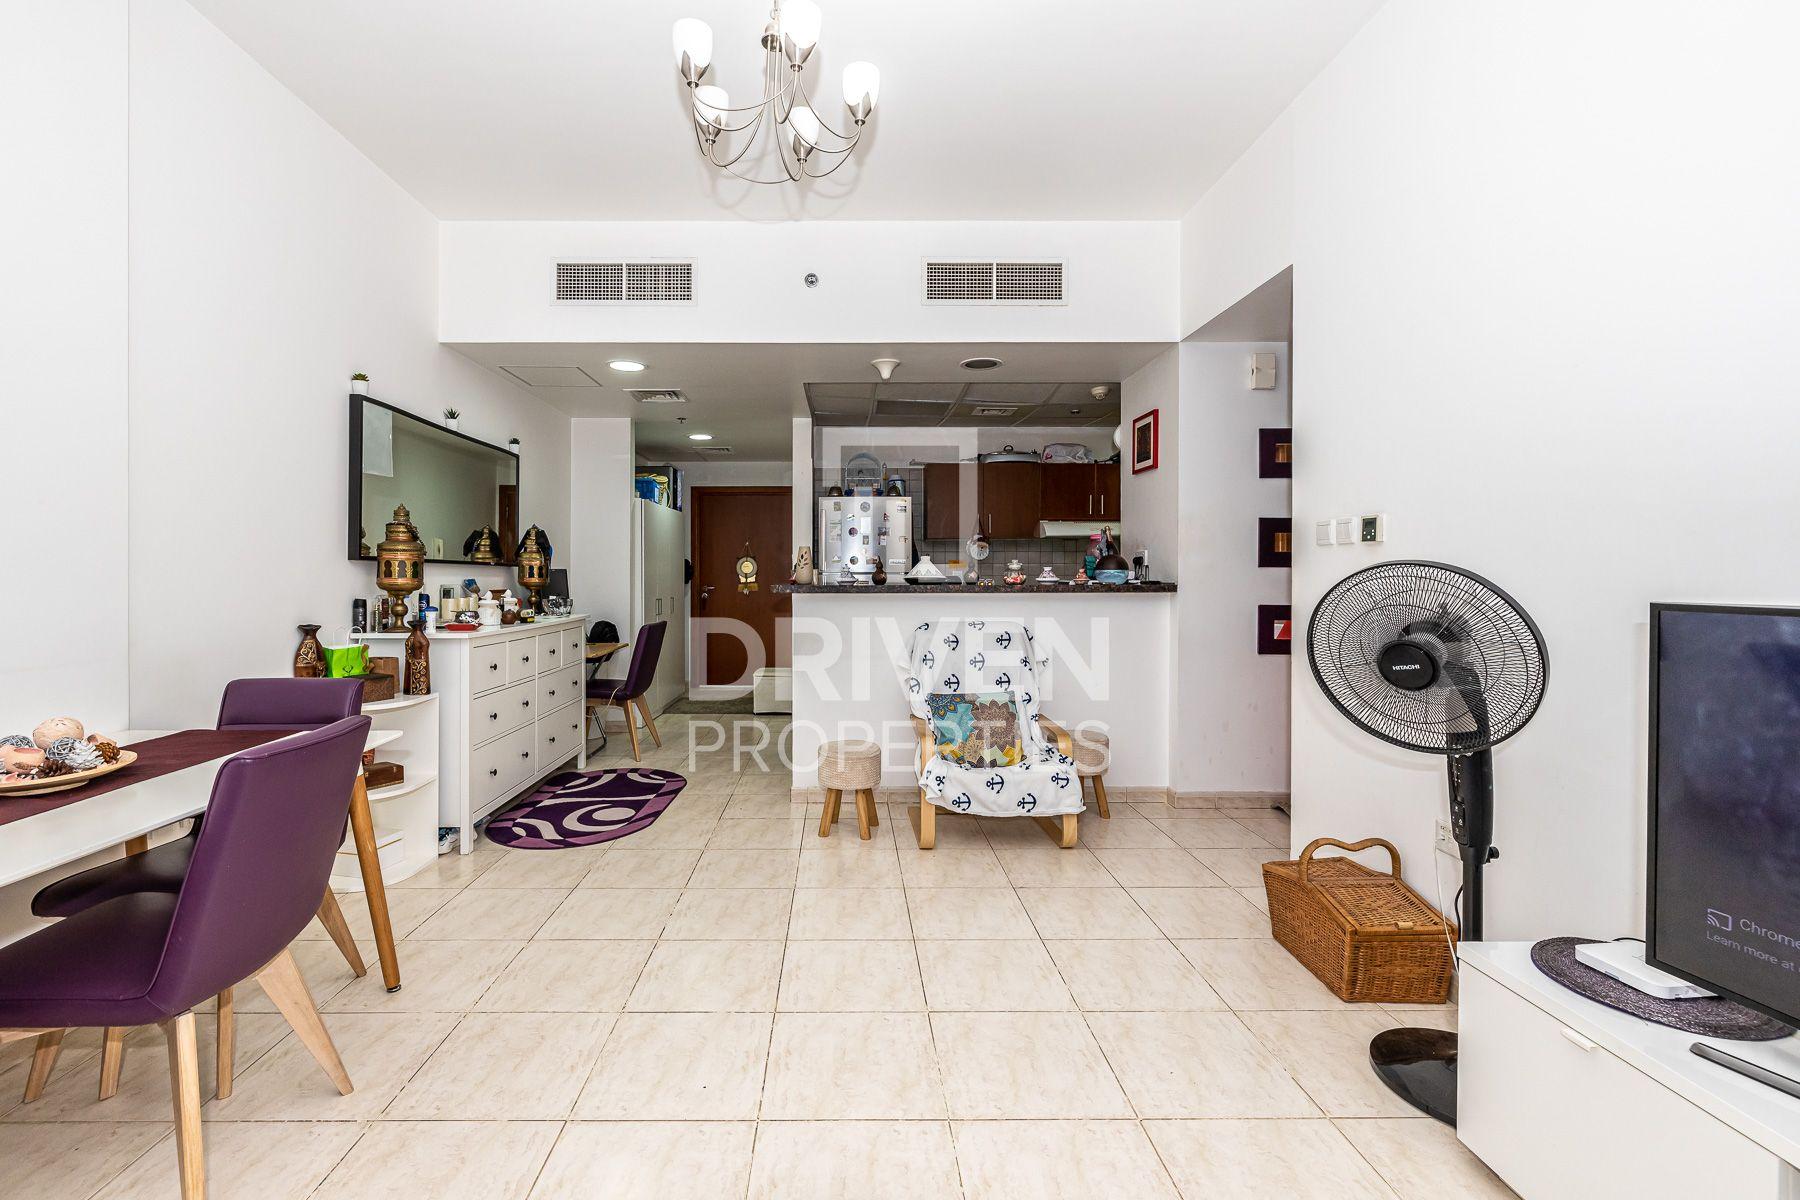 842 قدم مربع  شقة - للبيع - دبي لاند